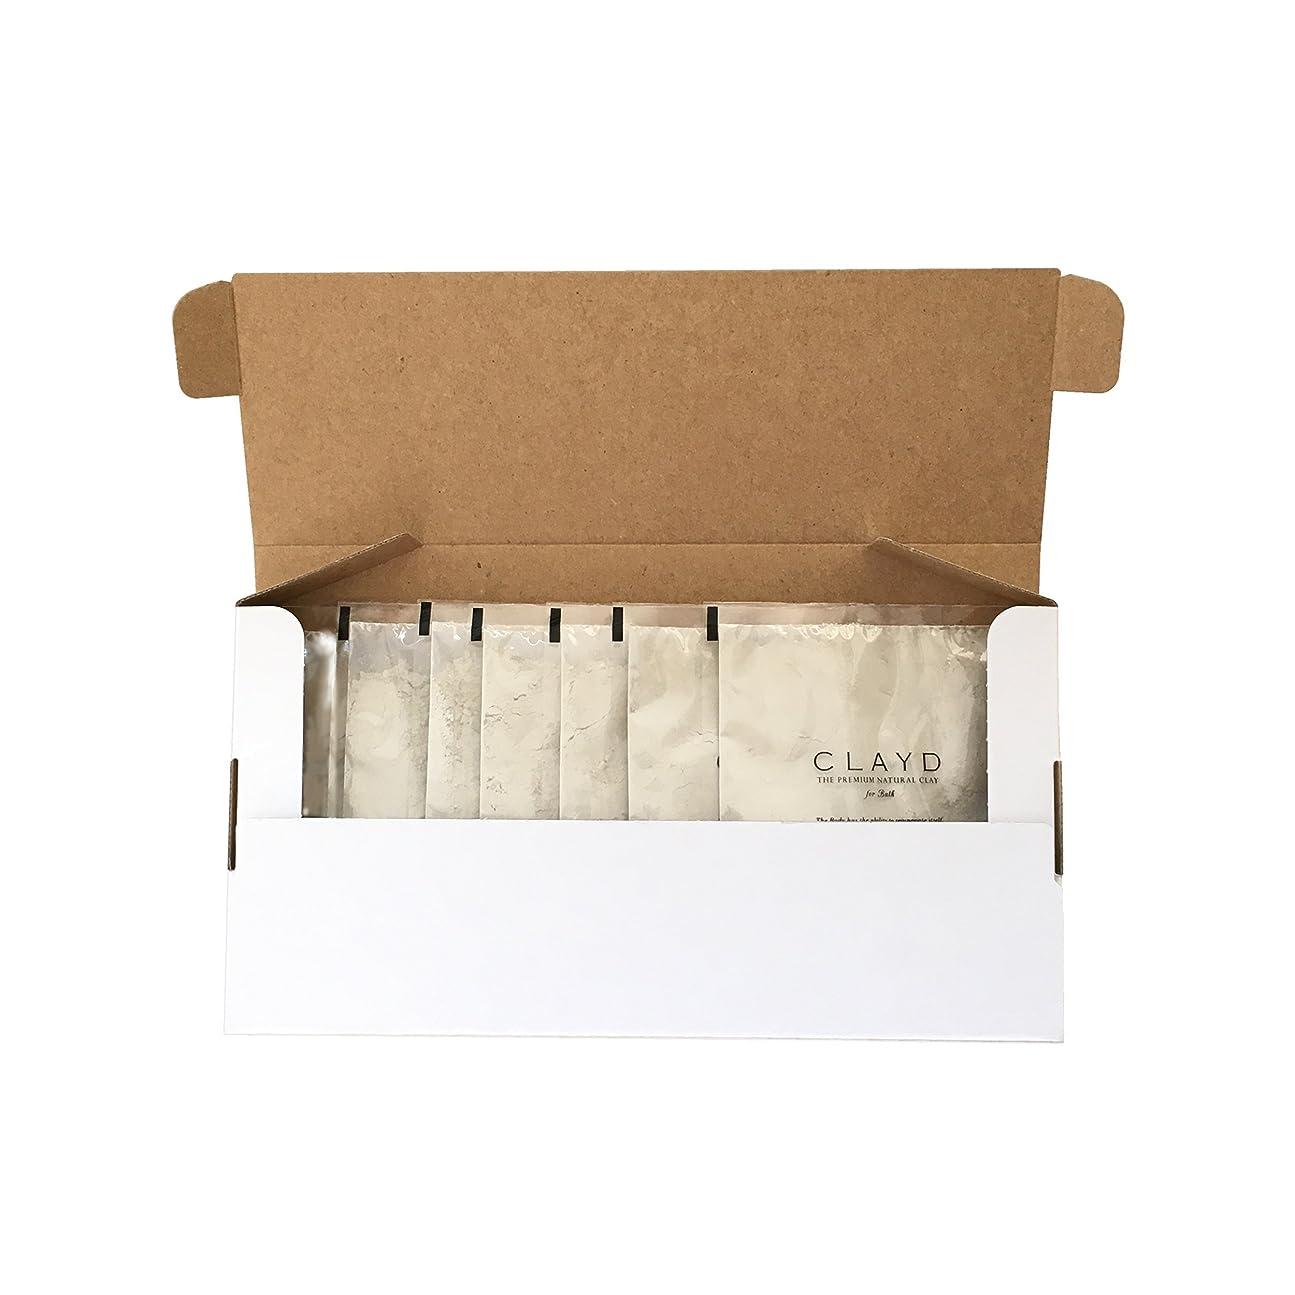 百年信頼回転するCLAYD for Bath(クレイドフォーバス)ONE WEEK TRIAL(30g×7袋)